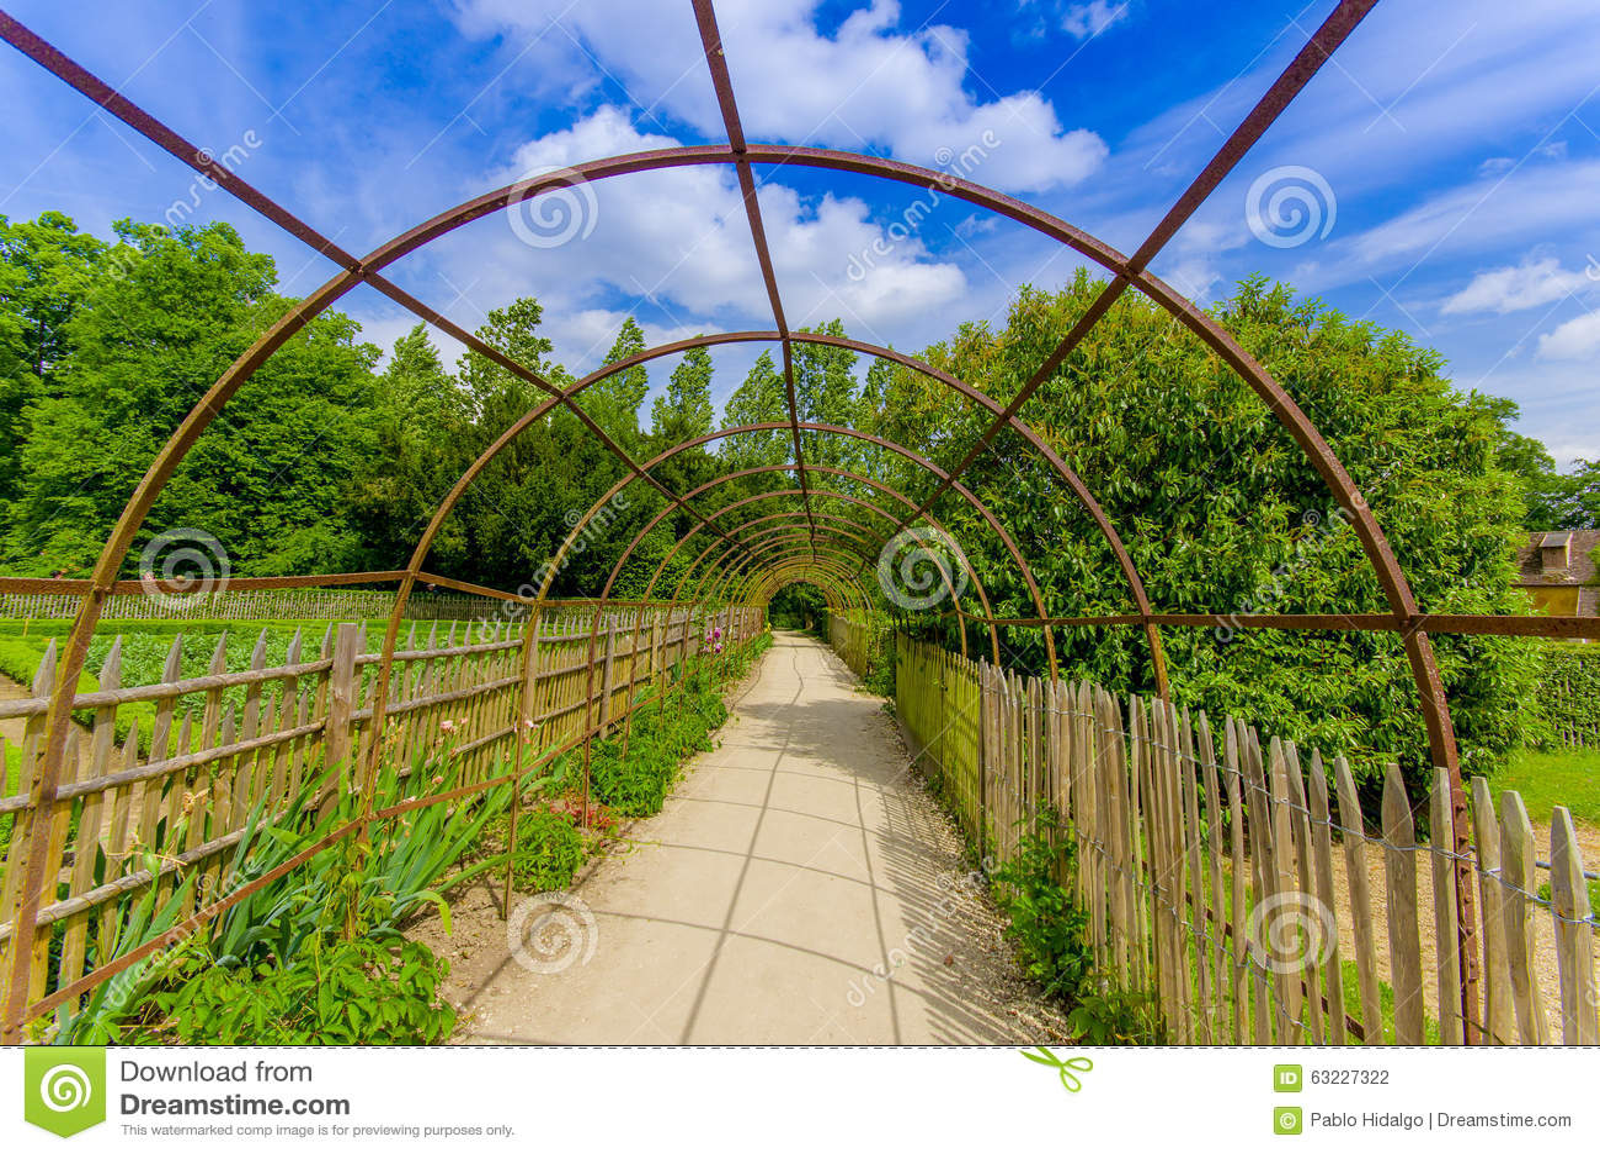 chemin de marche dans des jardins de versailles frances photo stock image 63227322. Black Bedroom Furniture Sets. Home Design Ideas